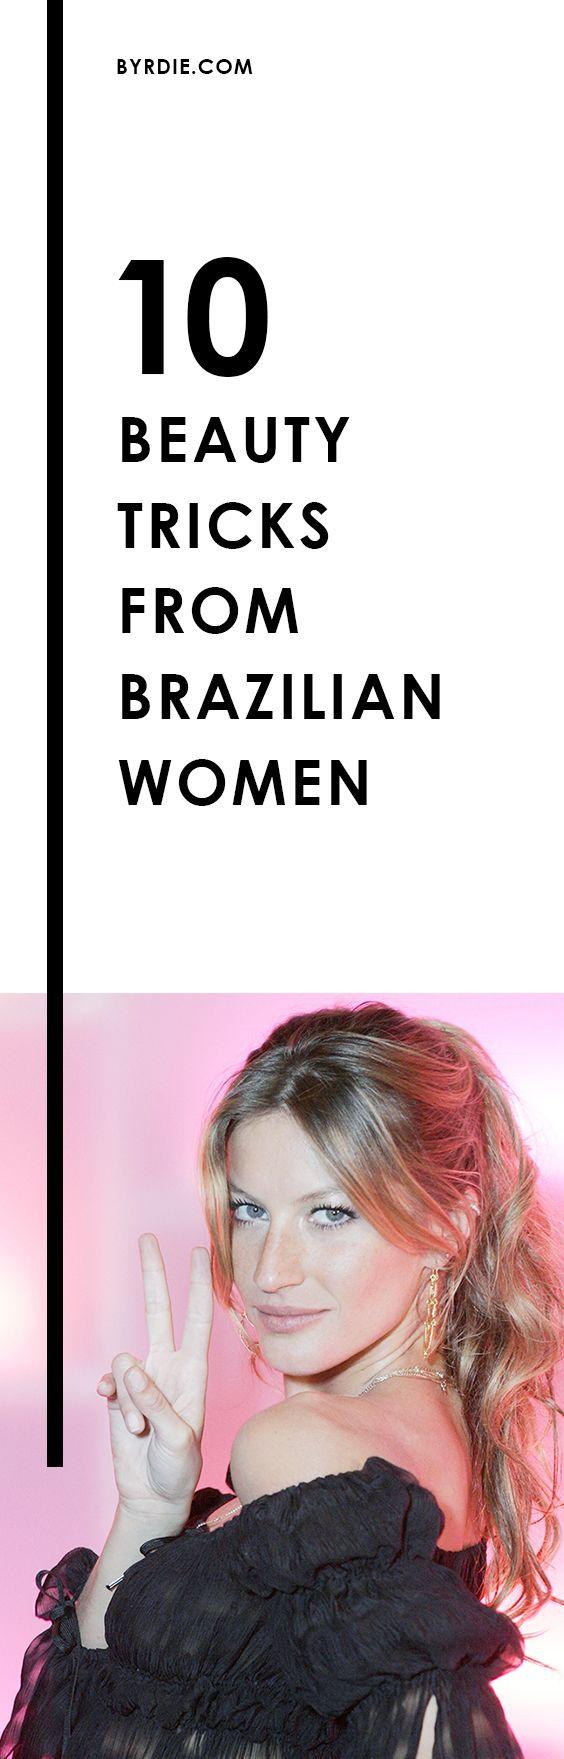 The best Brazilian beauty tricks